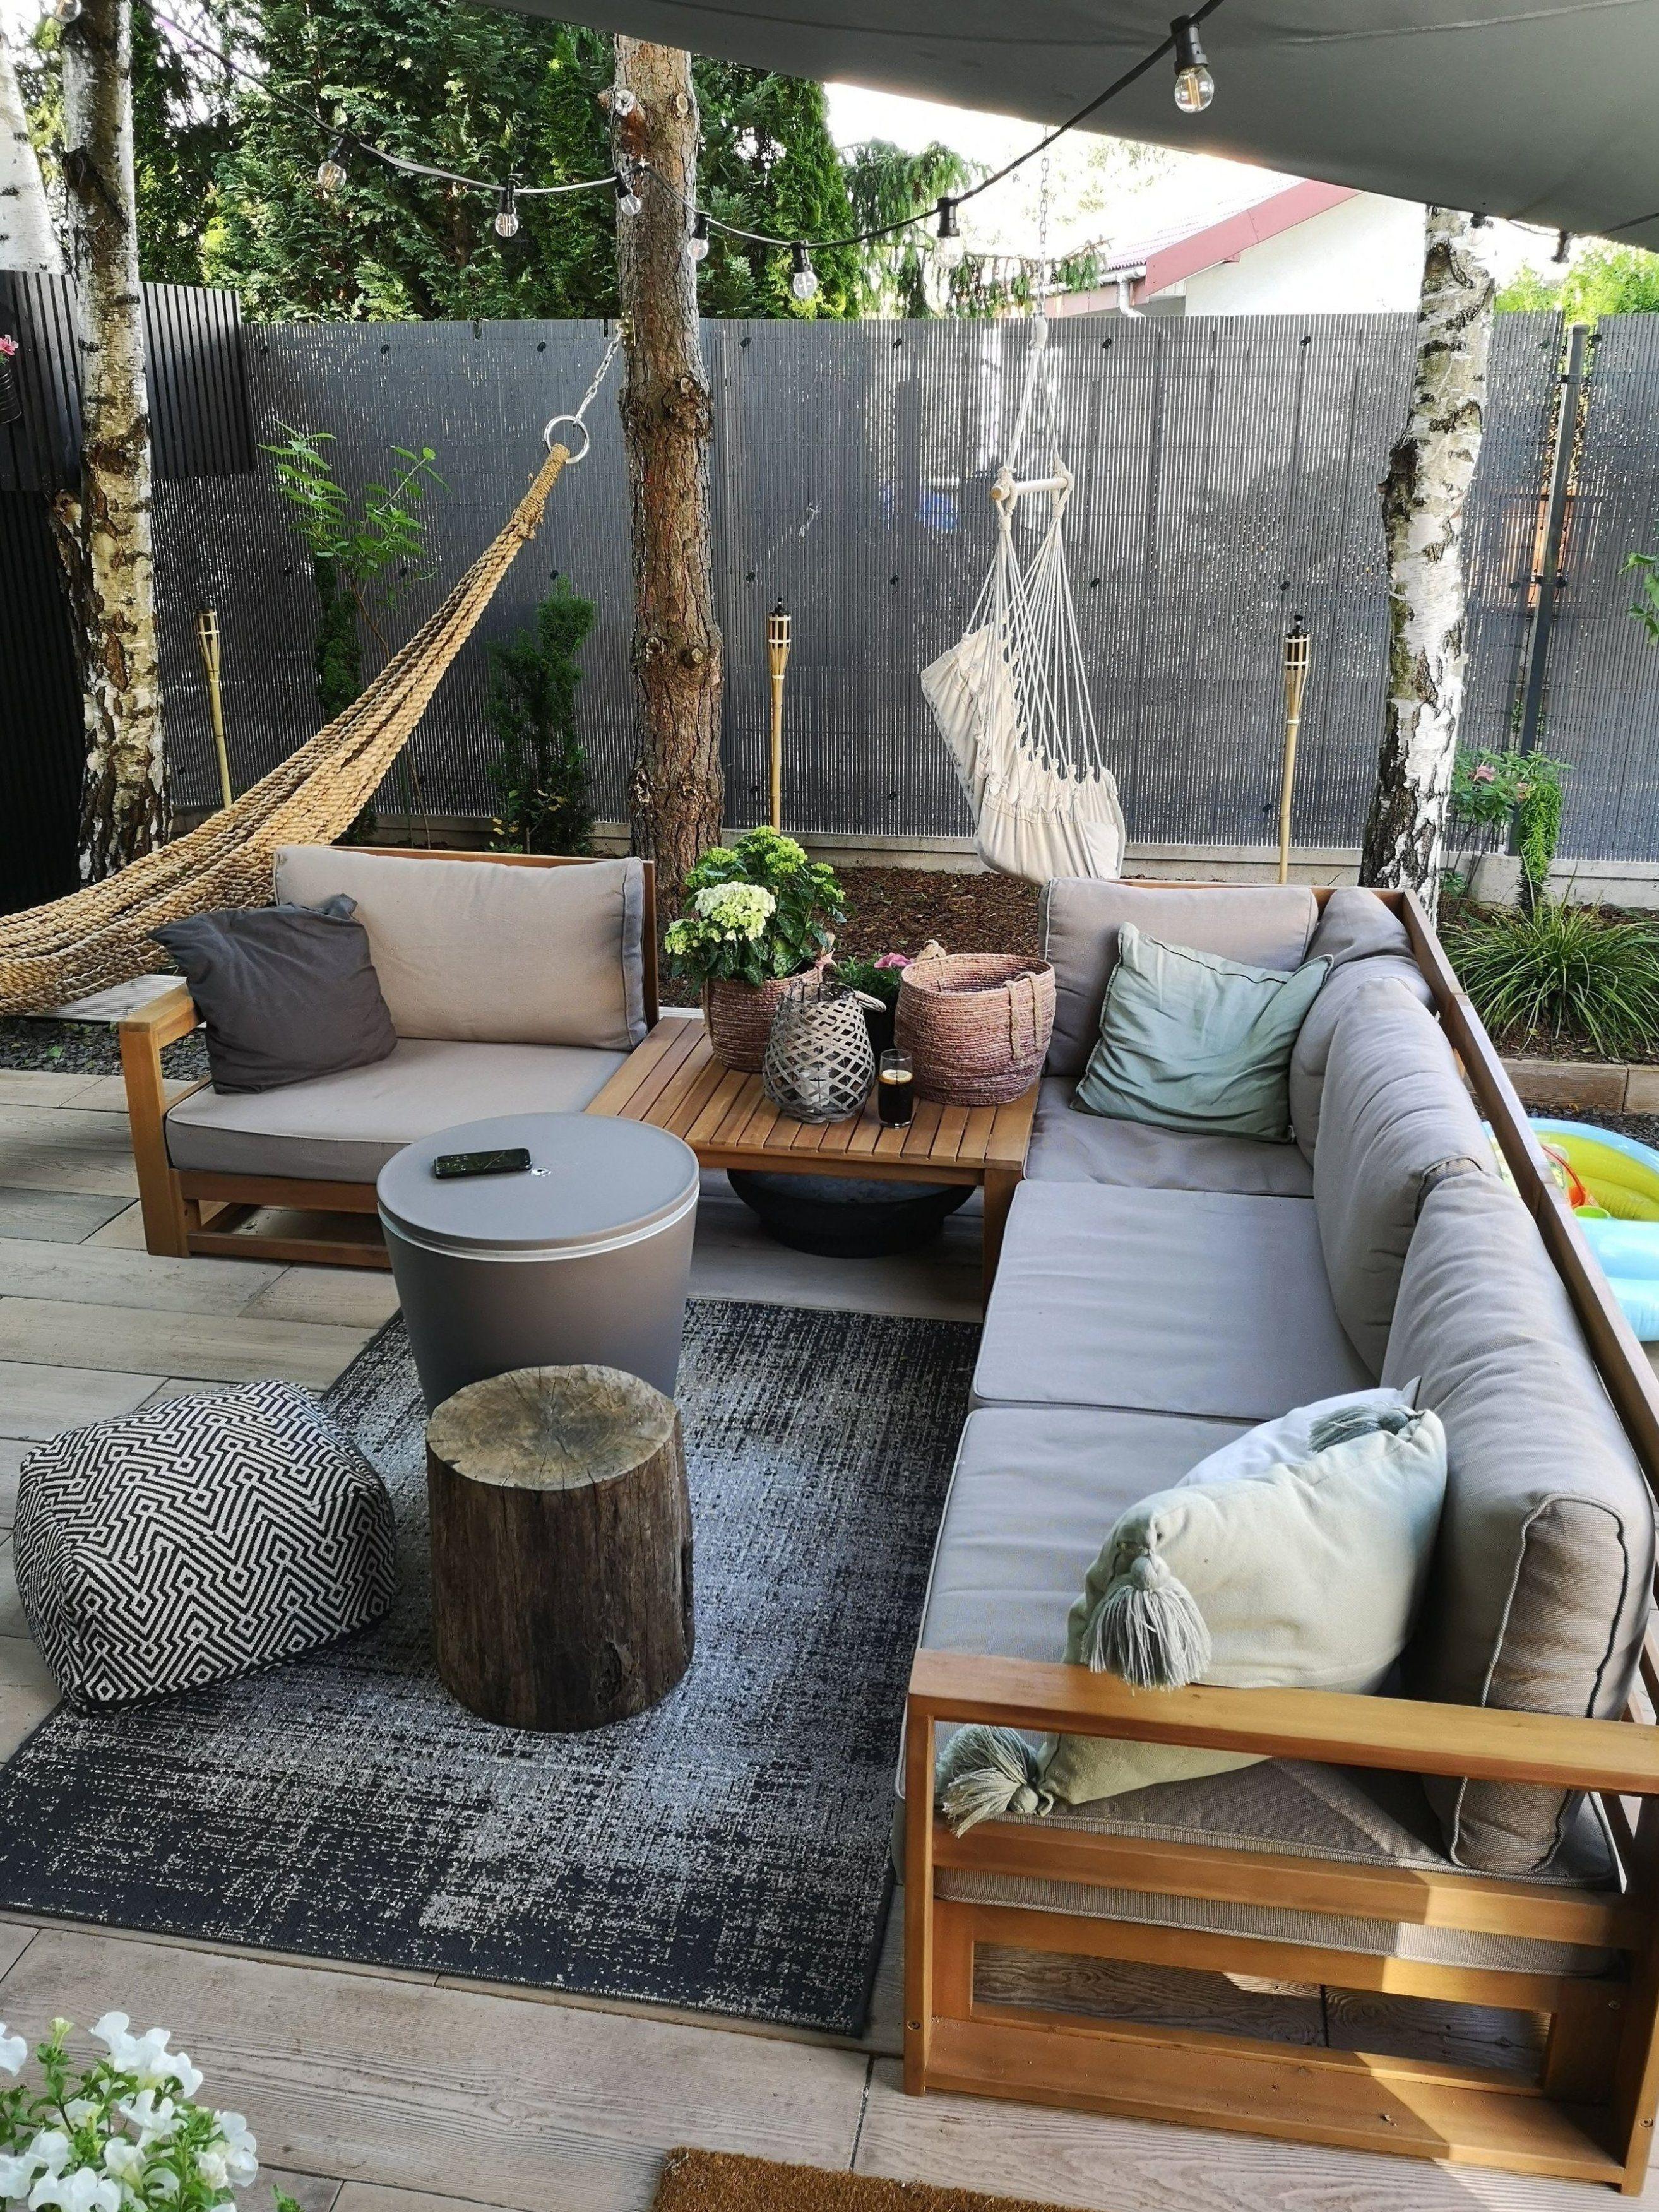 Geniessen Sie Elegantes Und Gem Tliches Ambiente In Ihrem Garten Oder Auf Ihrer Terrasse Mit Dieser T Garden Sofa Set Patio Lounge Furniture Outdoor Sofa Sets